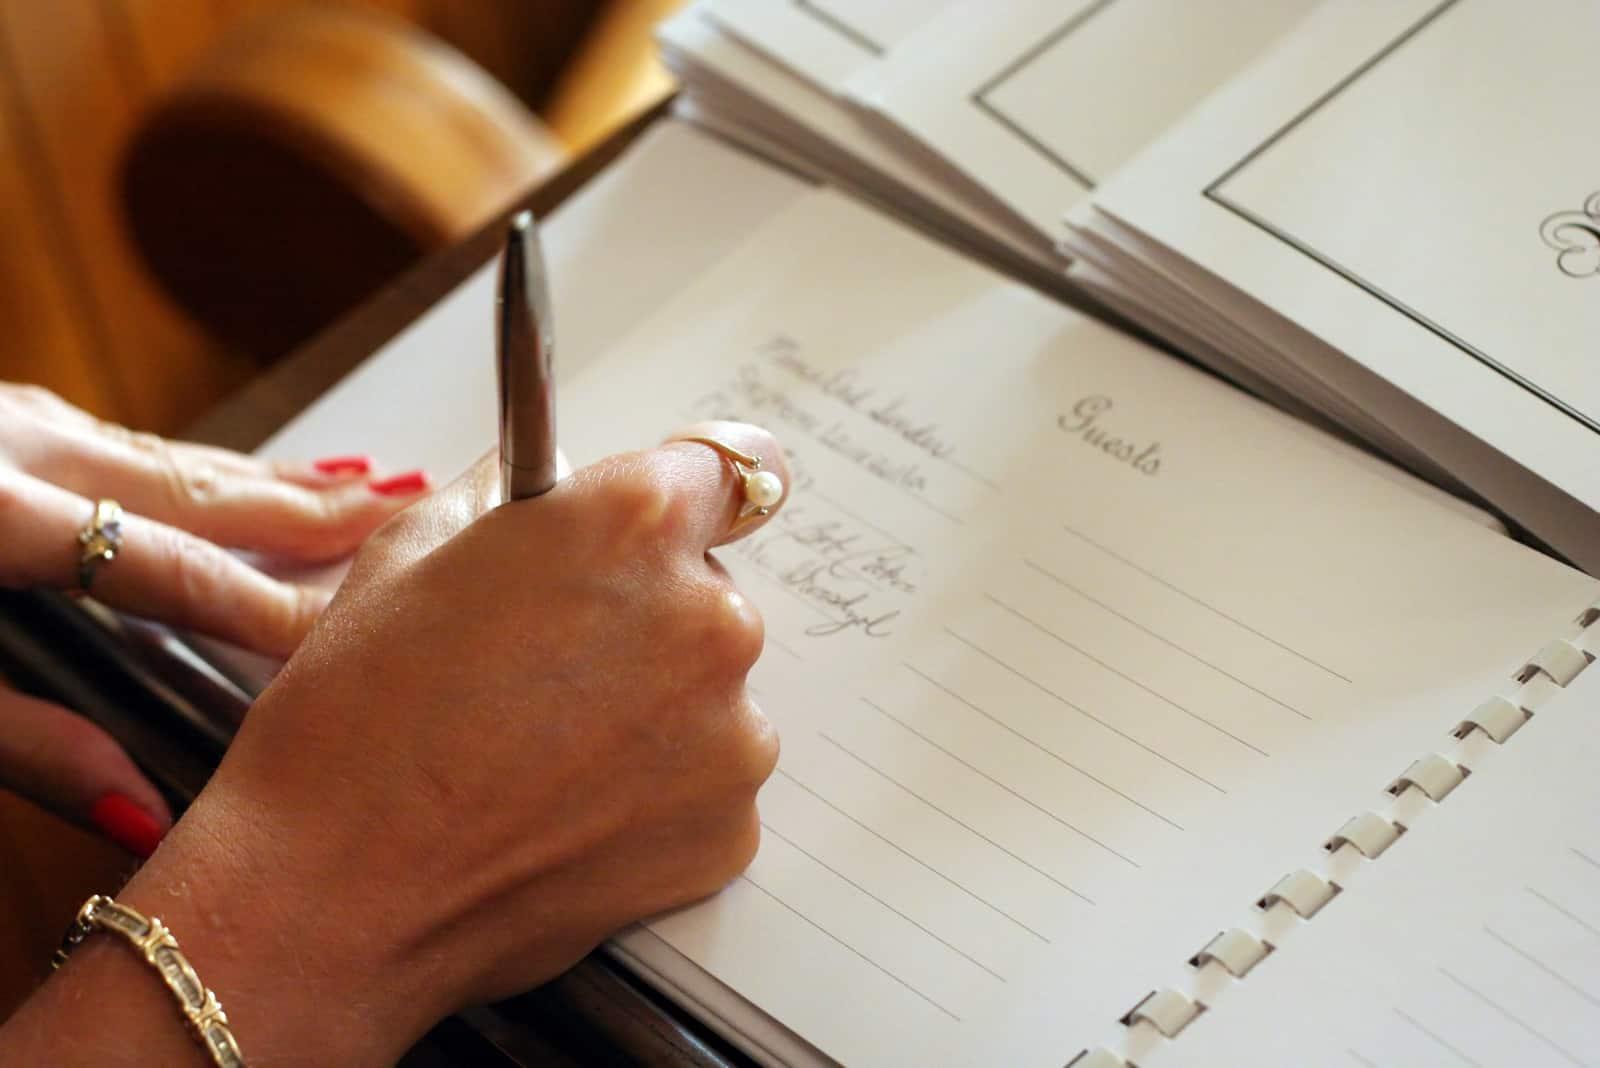 Frauenhand, die ein Gästebuch mit einem Stift signiert